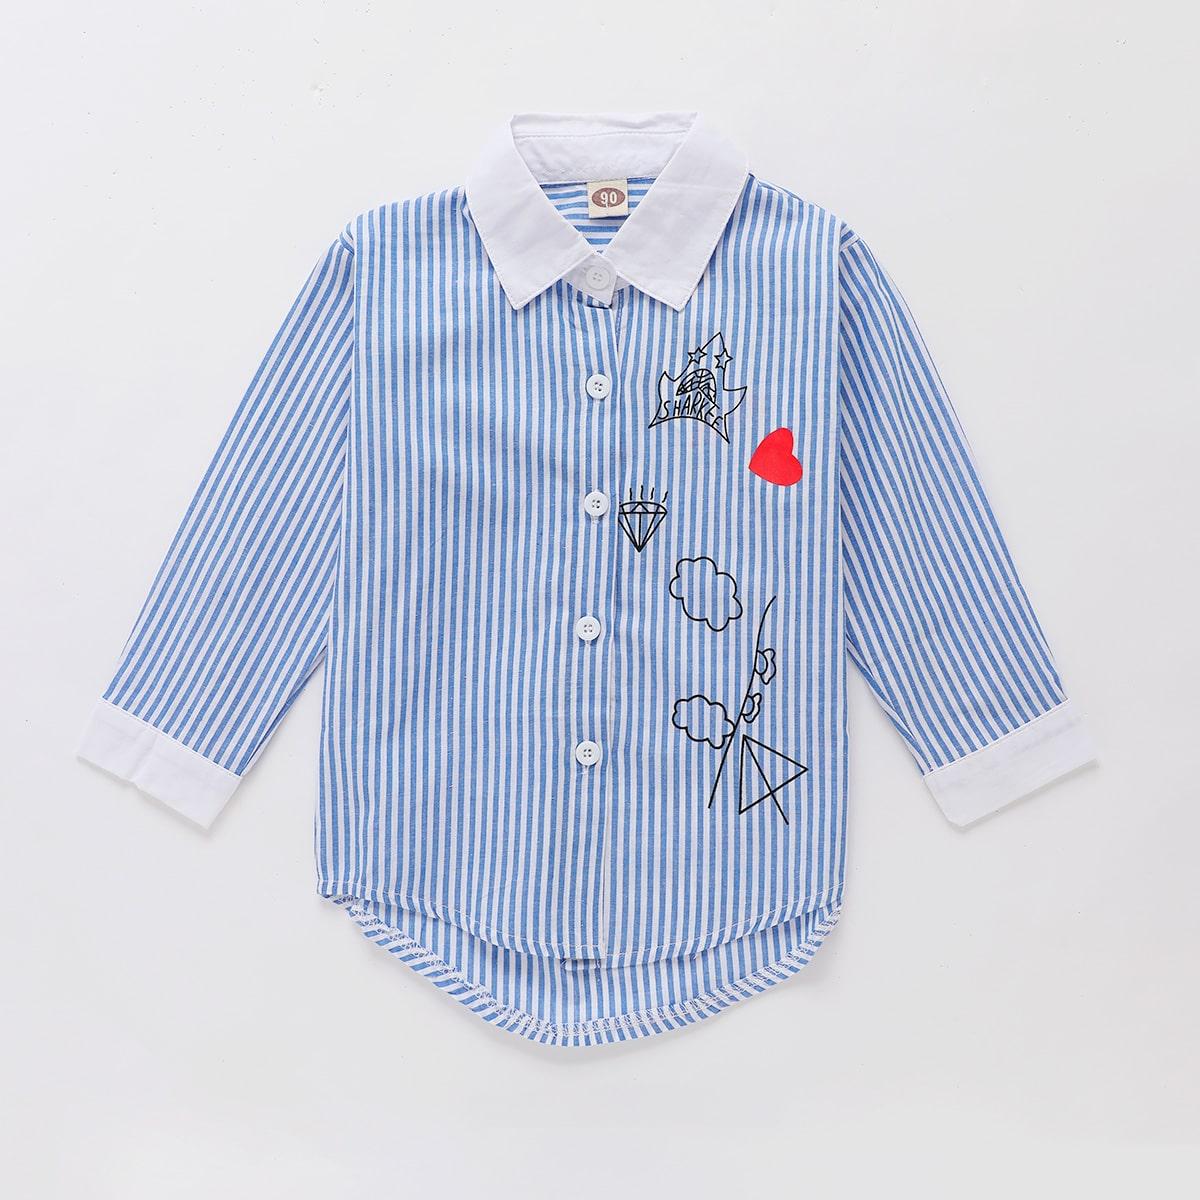 Асимметричная блуза в полоску с контрастным воротником